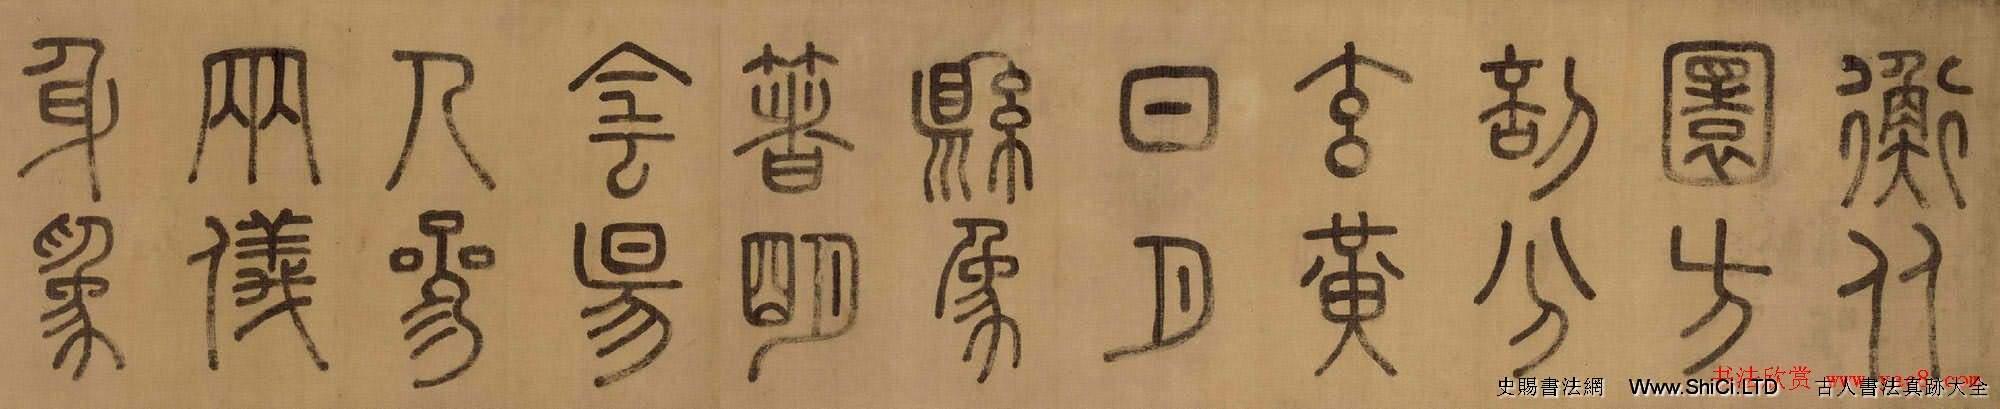 徐霖篆書長卷《題器物贊四言詩》(共6張圖片)